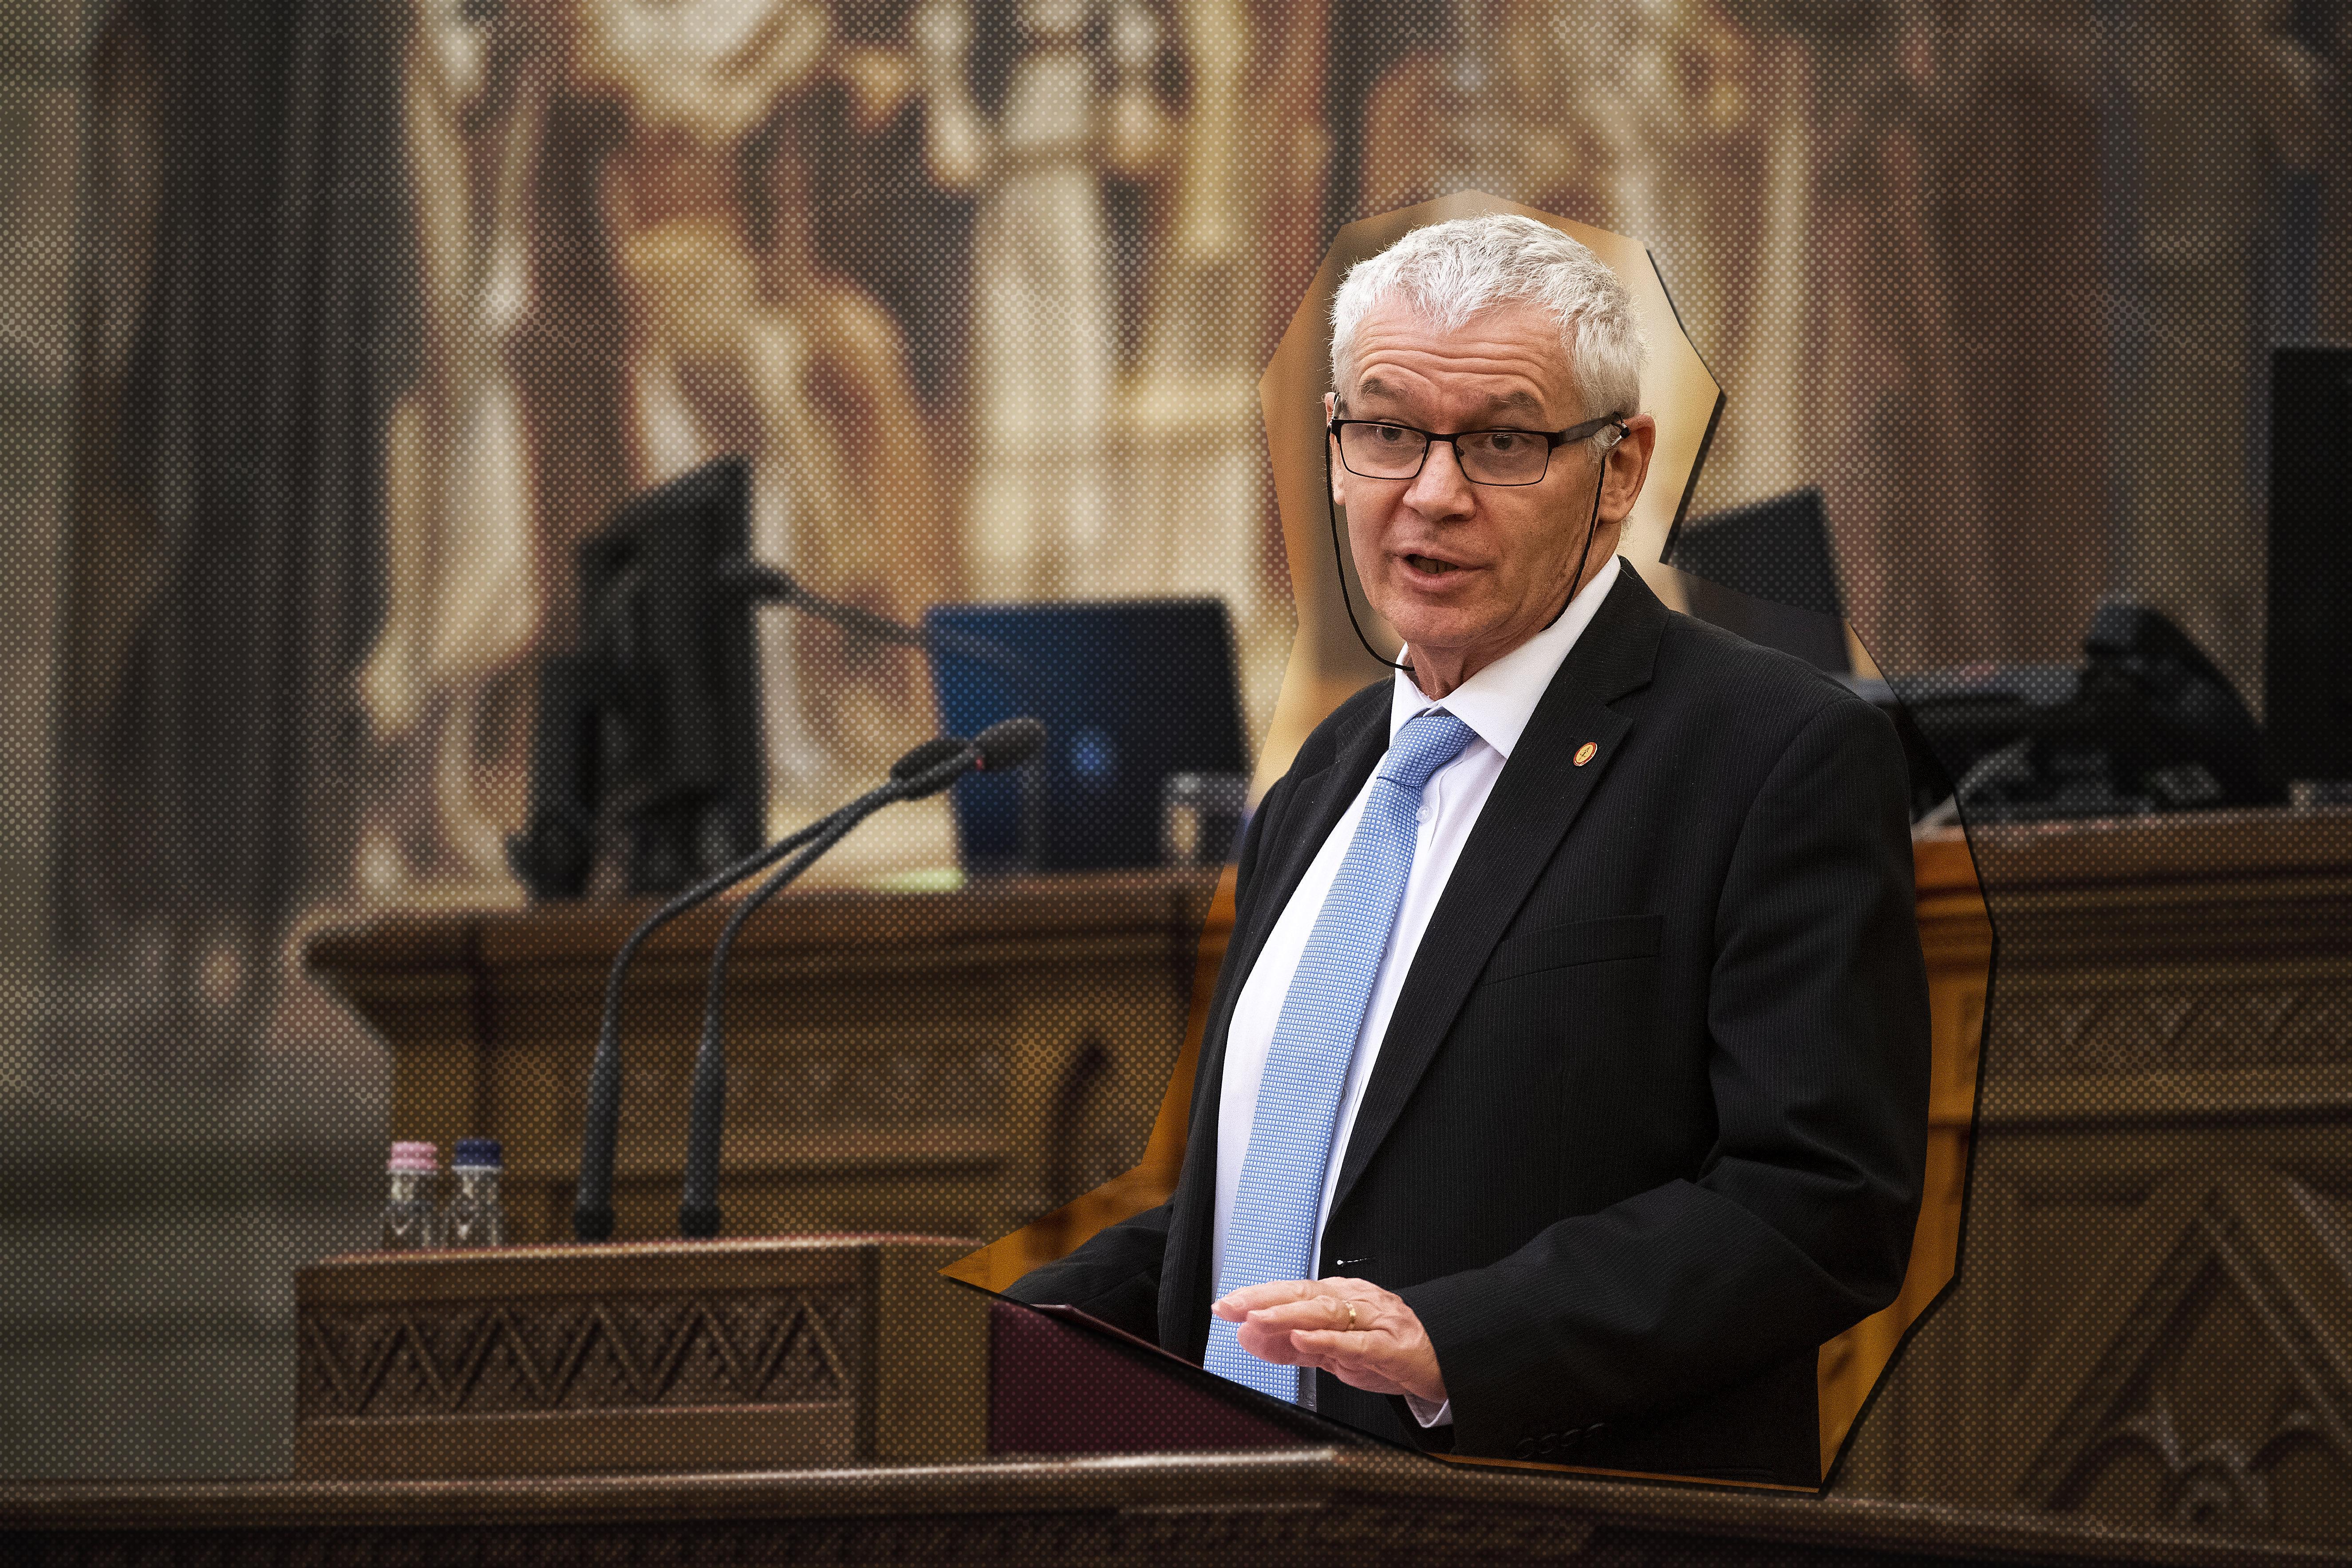 Magyarország  továbbra is nagy arányban hagyja figyelmen kívül a korrupció elleni ajánlásokat